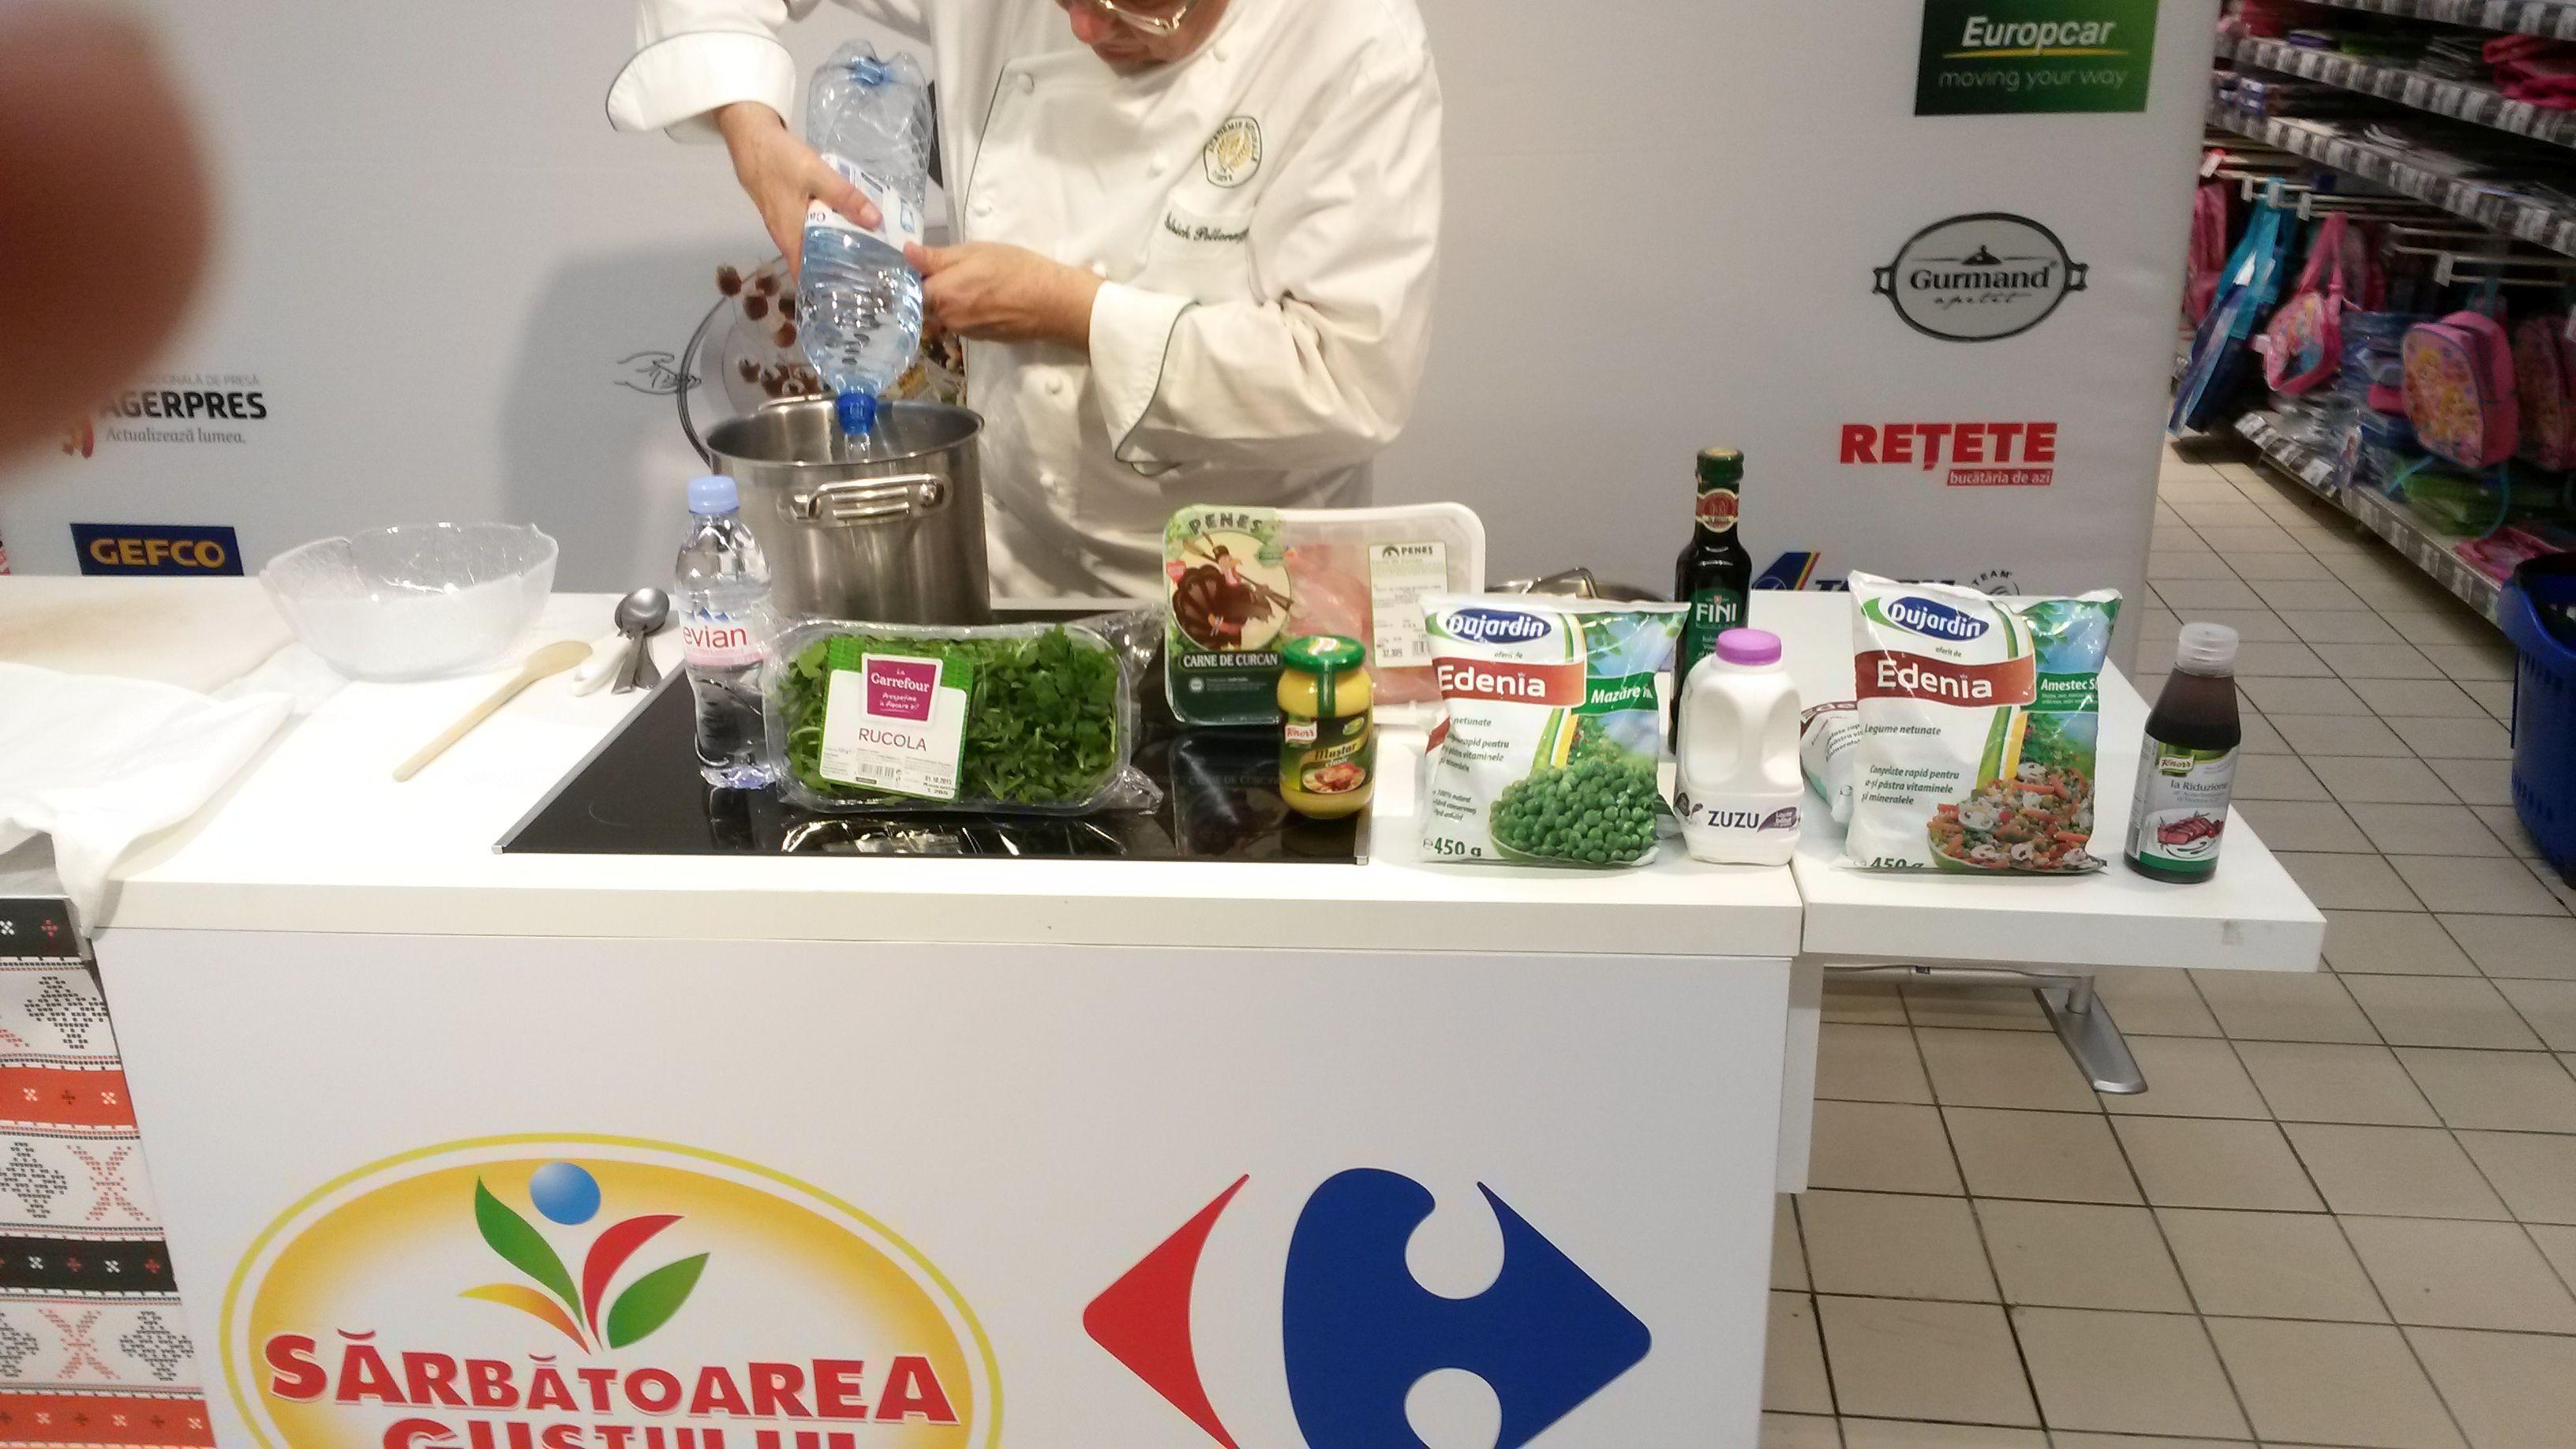 Atelier_Culinar_Sarbatoarea_Gustului_Carrefour_Atelier_educational_Patrick_Pierre_Pettenuzzo_005